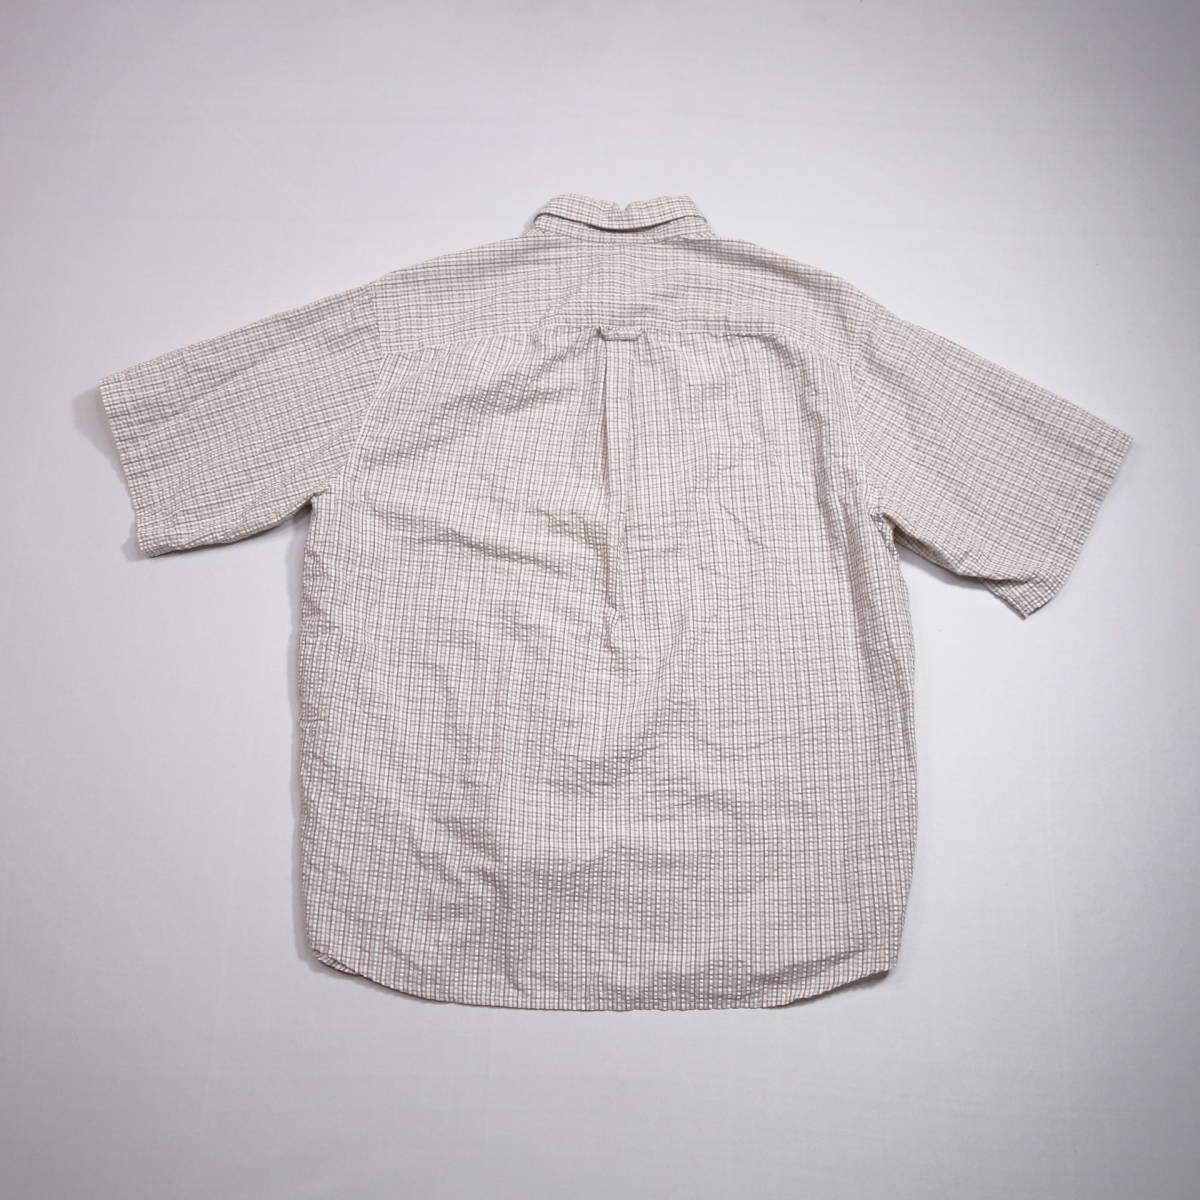 コロンビア Columbia チェックシャツ 半袖 メンズ XL 大きいサイズ ボタンダウン シワ加工 Yシャツ アメリカ USA直輸入 古着 MNO-3-6-0003_画像8